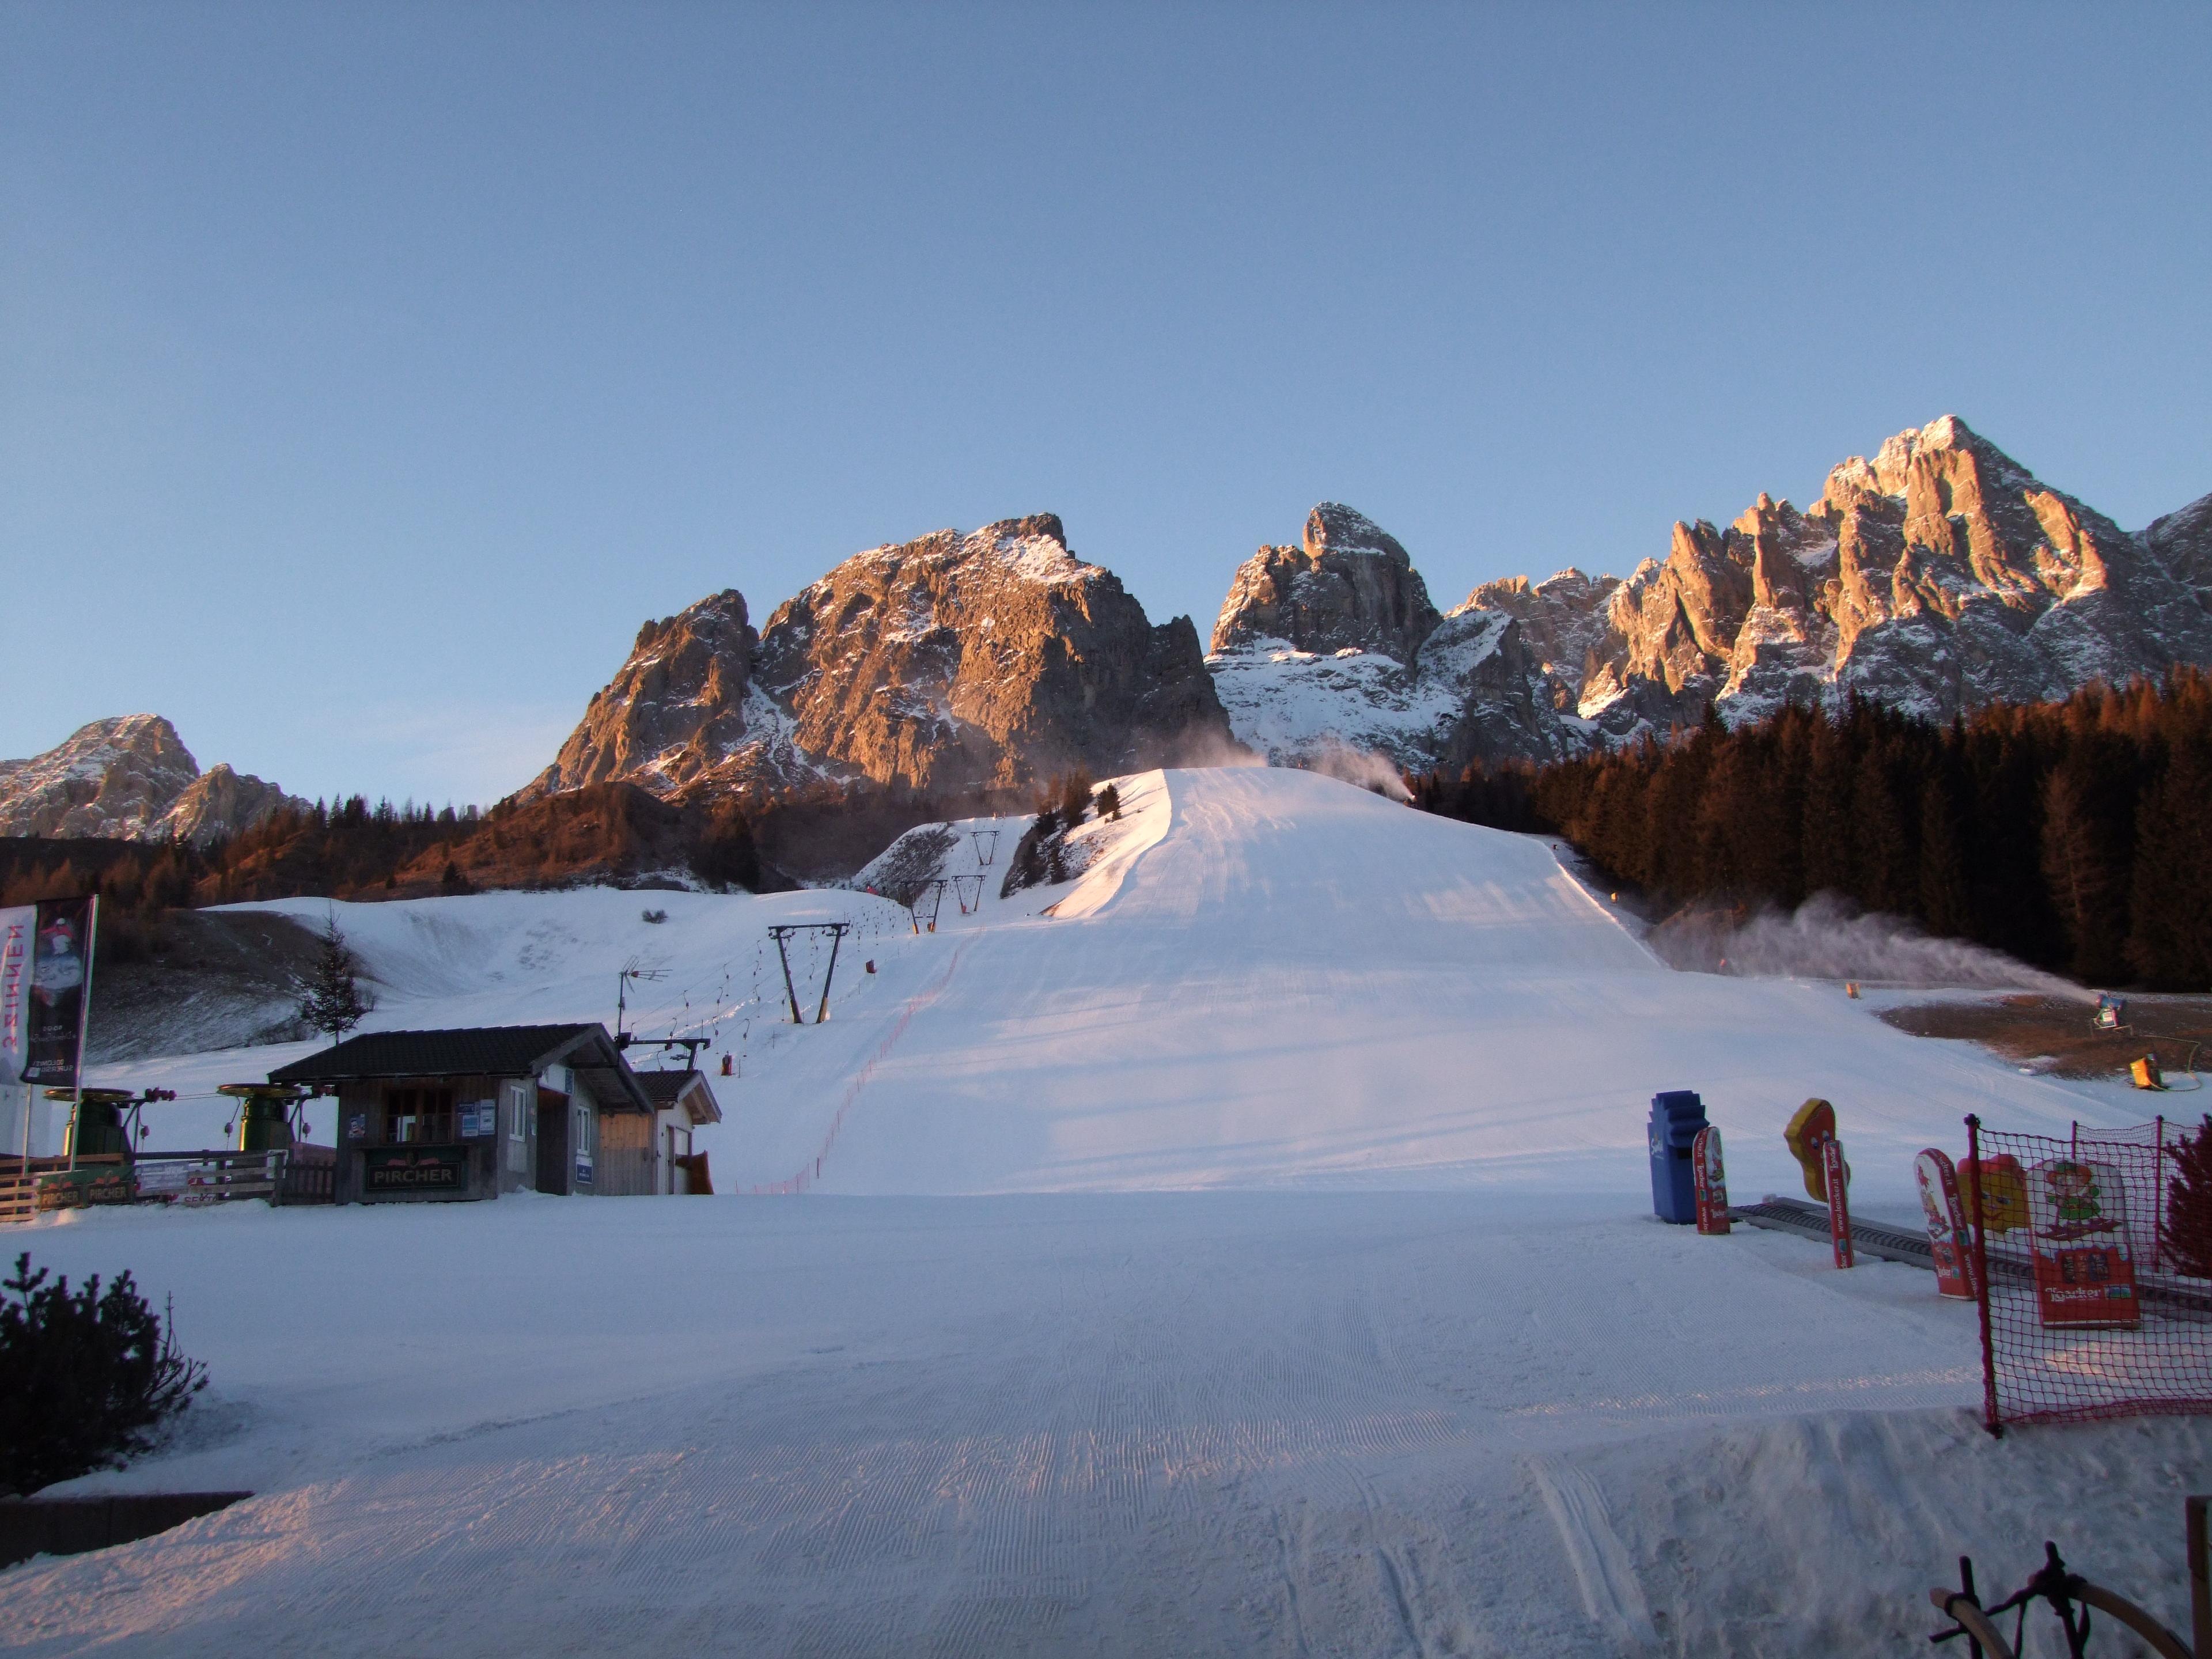 Ski kamp Sexten, 16. – 20.12.2018. 2 termin – Passo Monte Croce